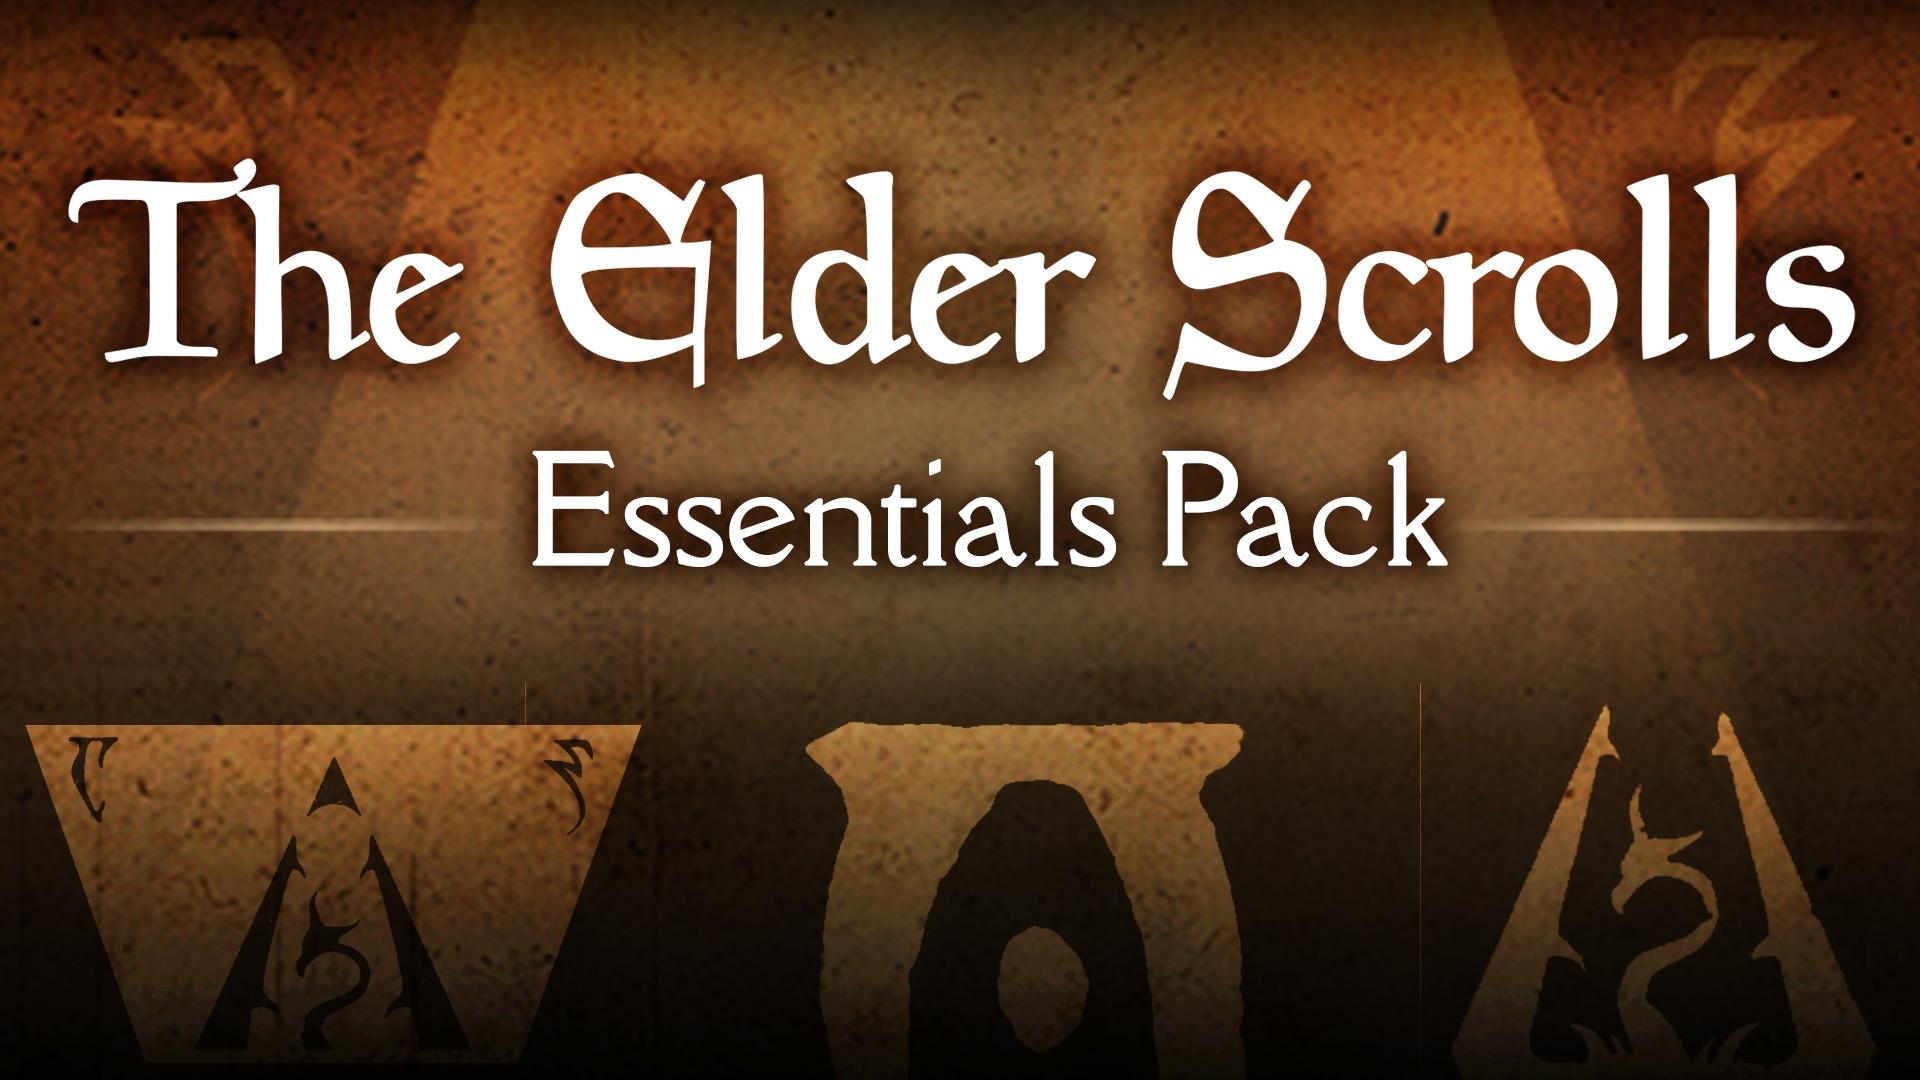 The Elder Scrolls Essentials Pack | Steam Game Bundle